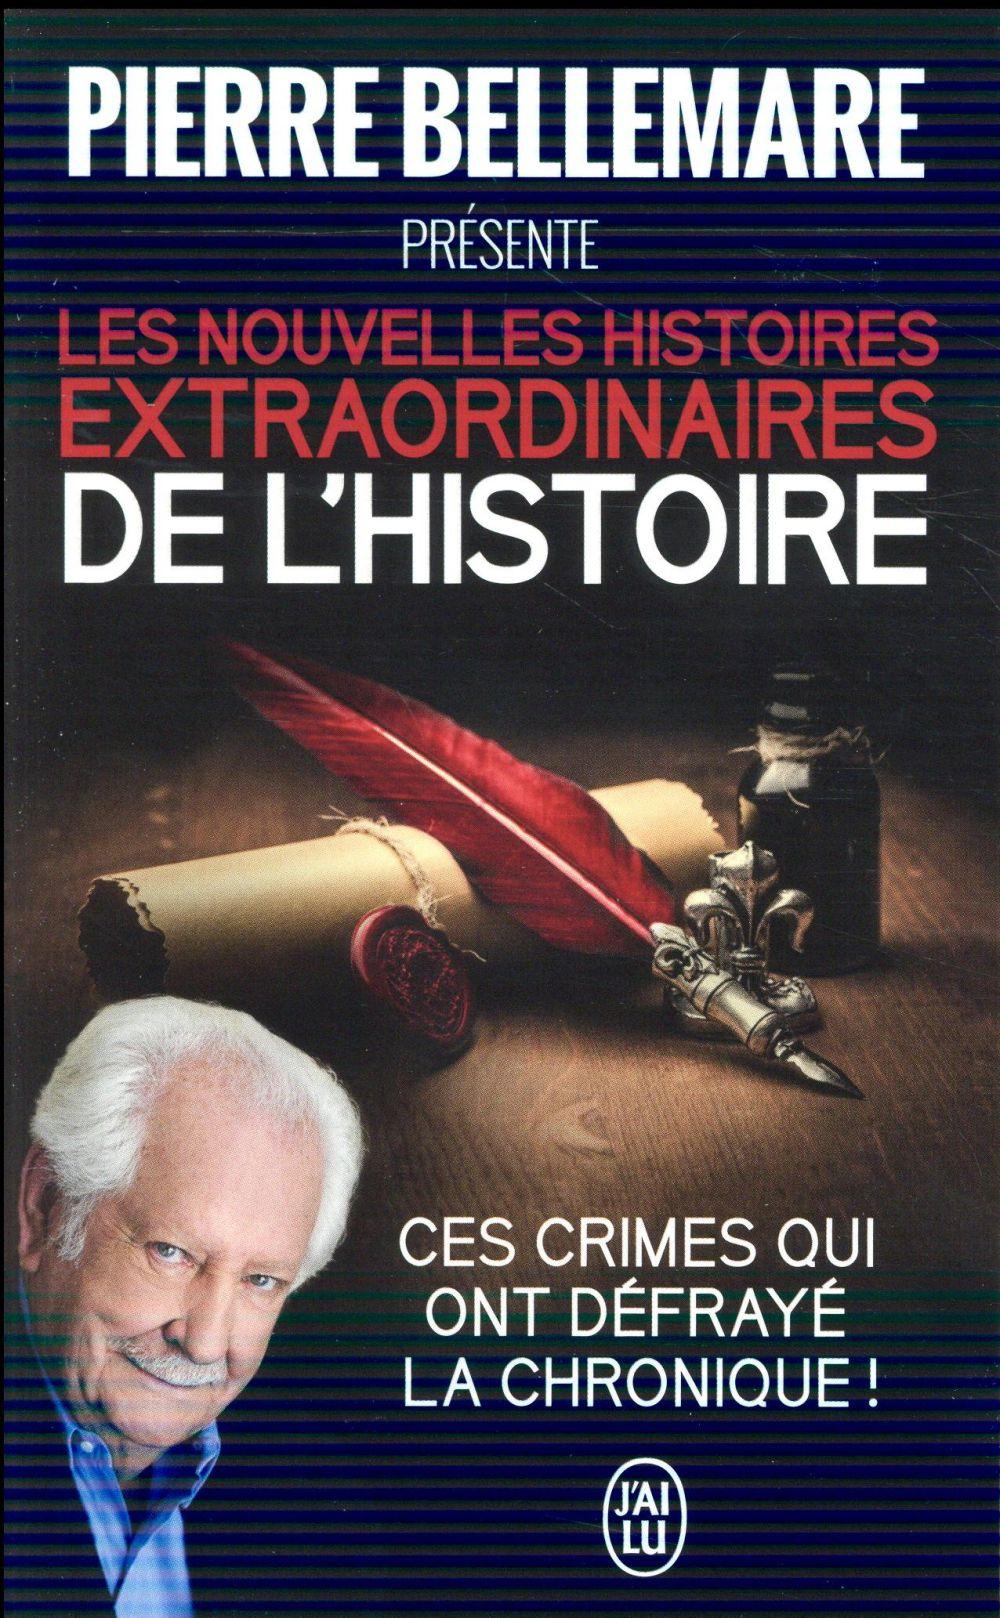 Les nouvelles histoires extraordinaires de l'histoire ; ces crime qui ont défrayé la chronique !